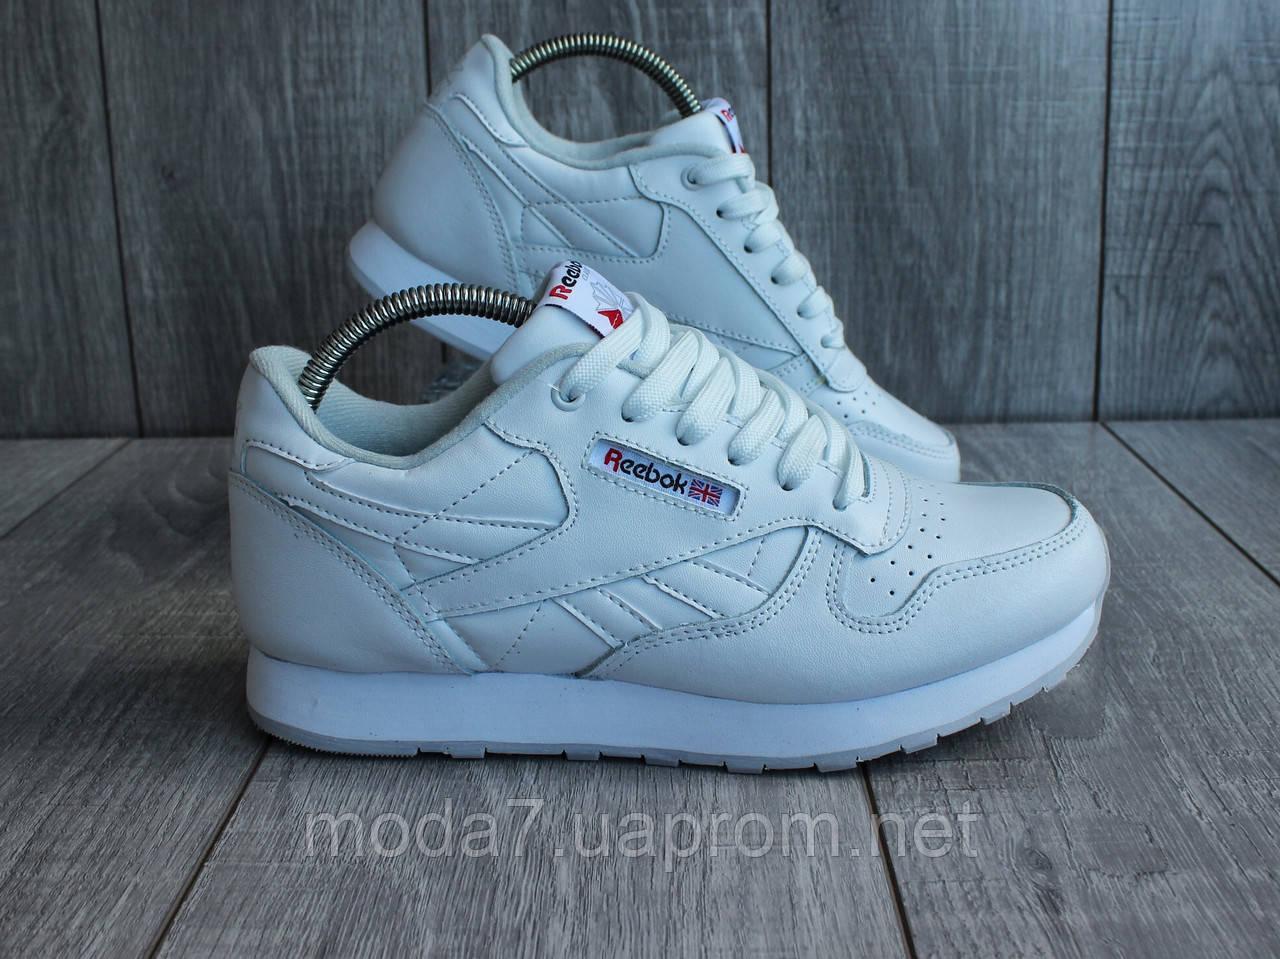 Кросівки жіночі білі Reebok Classic репліка